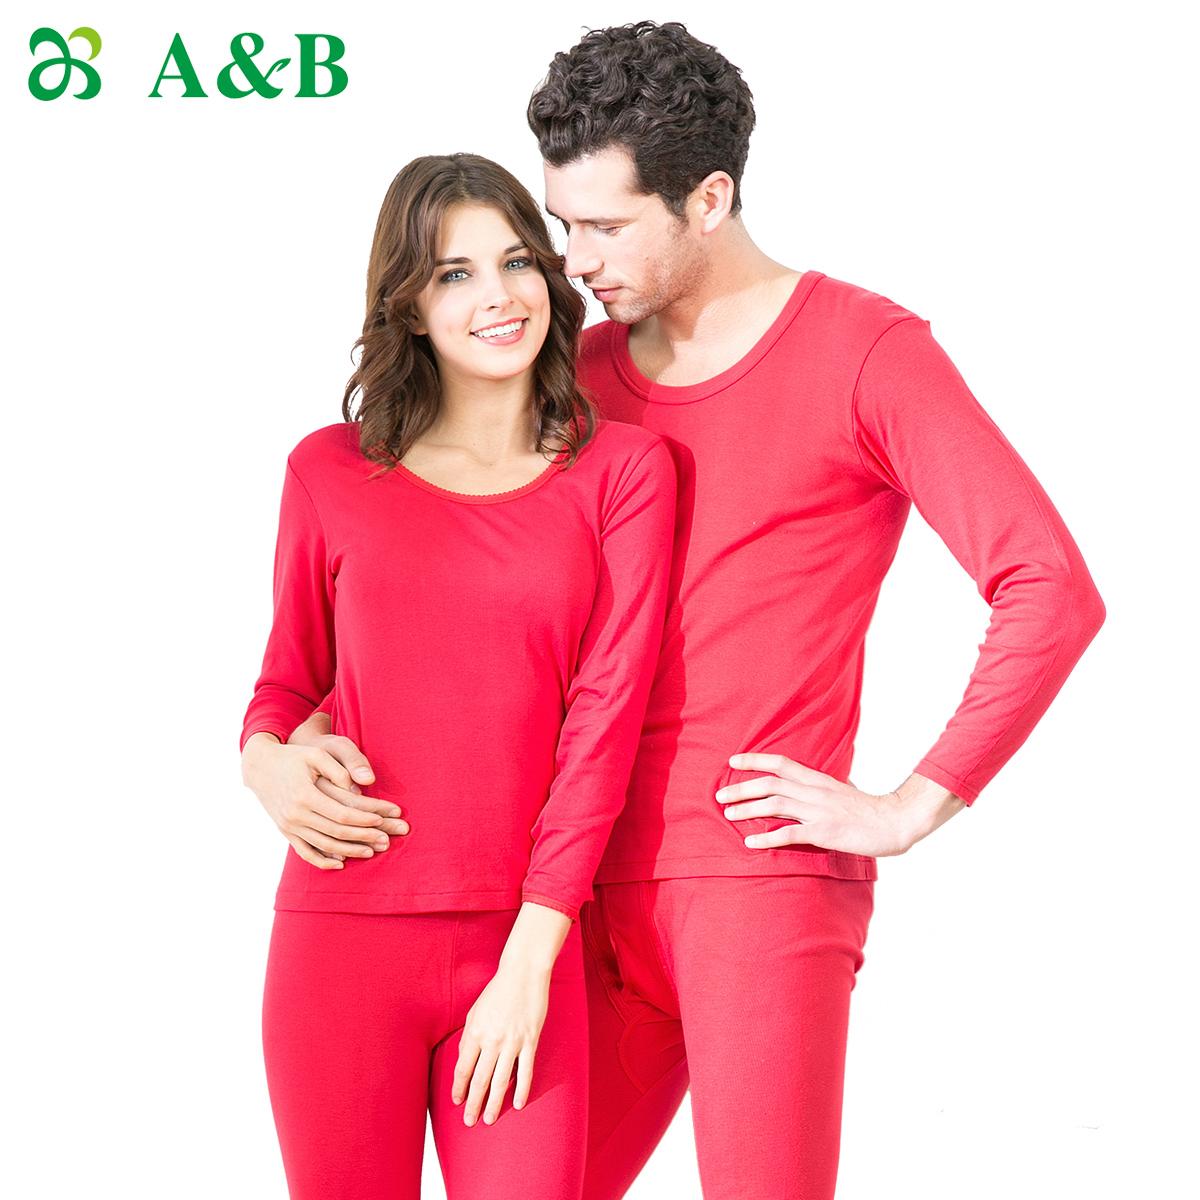 ab保暖内衣精梳纯棉薄款打底内衣套装男女士情侣棉毛衫9600/9650